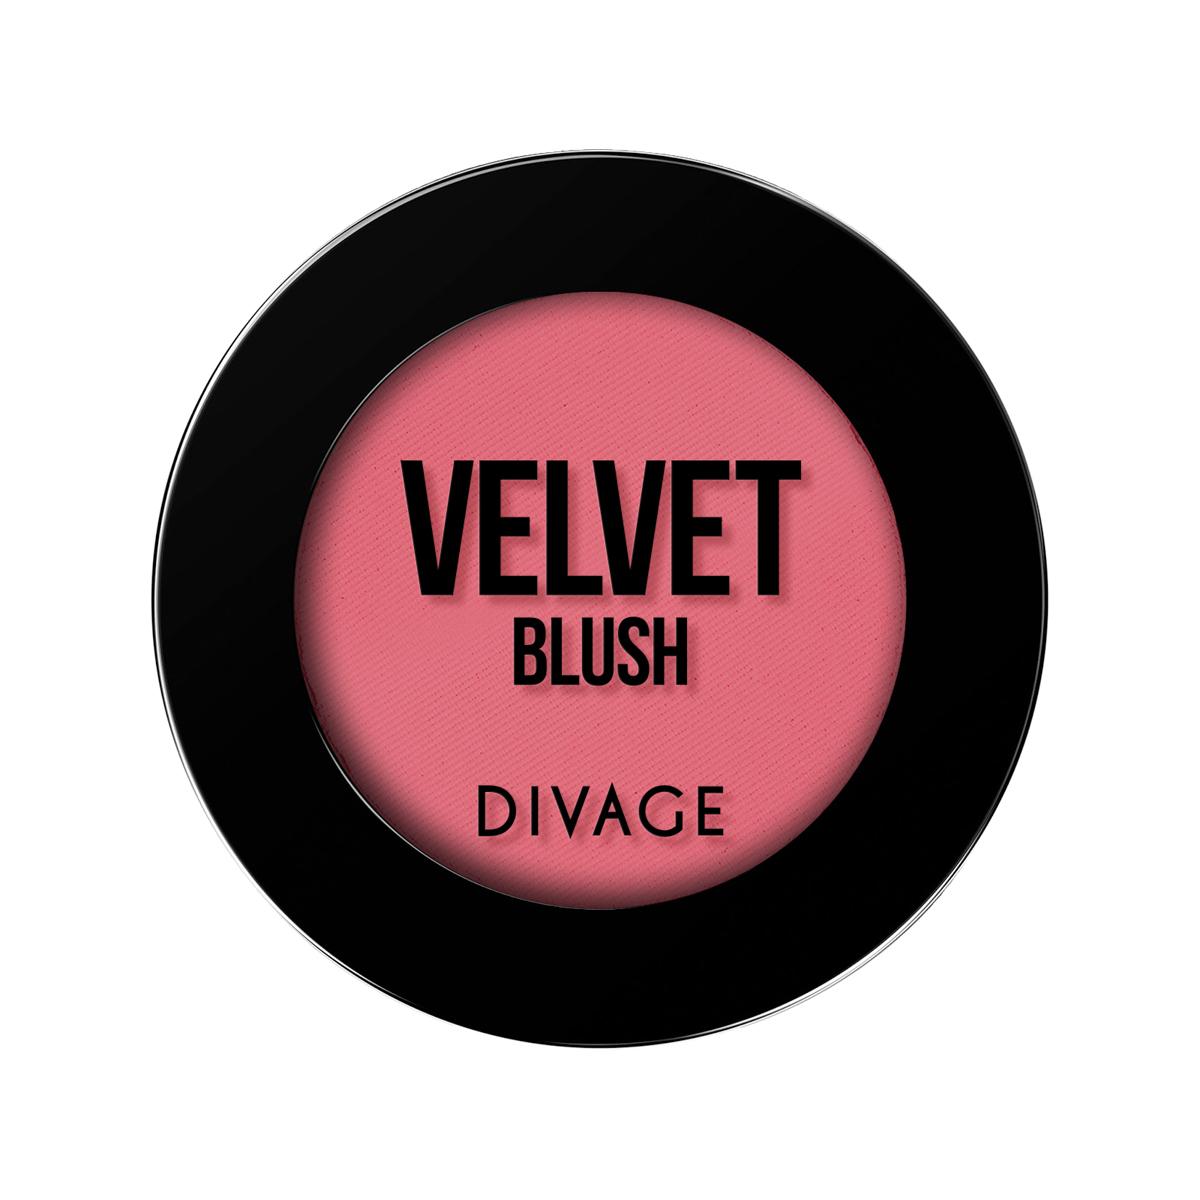 DIVAGE Румяна компактные VELVET, тон № 8704, 4 гр.28032022Румяна VELVET - это естественный оттенок утренней свежести, придающий лицу сияющий и отдохнувший вид. Румяна с деликатным матовым эффектом создают максимально естественный образ. Формула с мелкодисперсной текстурой не перегружает макияж. Стойкий цветовой пигмент сохраняется в течение всего дня. Палитра из четырёх оттенков позволяет использовать этот продукт как для придания легкого румянца, так и для коррекции овала лица.Свежий, нежный или насыщенный игривый румянец - вот что делает наше лицо по-настоящему светящимся! Больше всего свежести макияжу придадут персиковые и розовые оттенки. Если твоя кожа имеет тёплый бежевый или золотистый оттенок, выбирай персиковую палитру румян. Розовый румянец больше подойдет девушкам с холодным оттенком кожи. Цветные румяна наноси по центру щеки, совершая мягкие круговые движения кистью. Коричневые и бронзовые цвета можно использовать в качестве корректирующих румян, накладывая их в зону скулы и по контуру лица